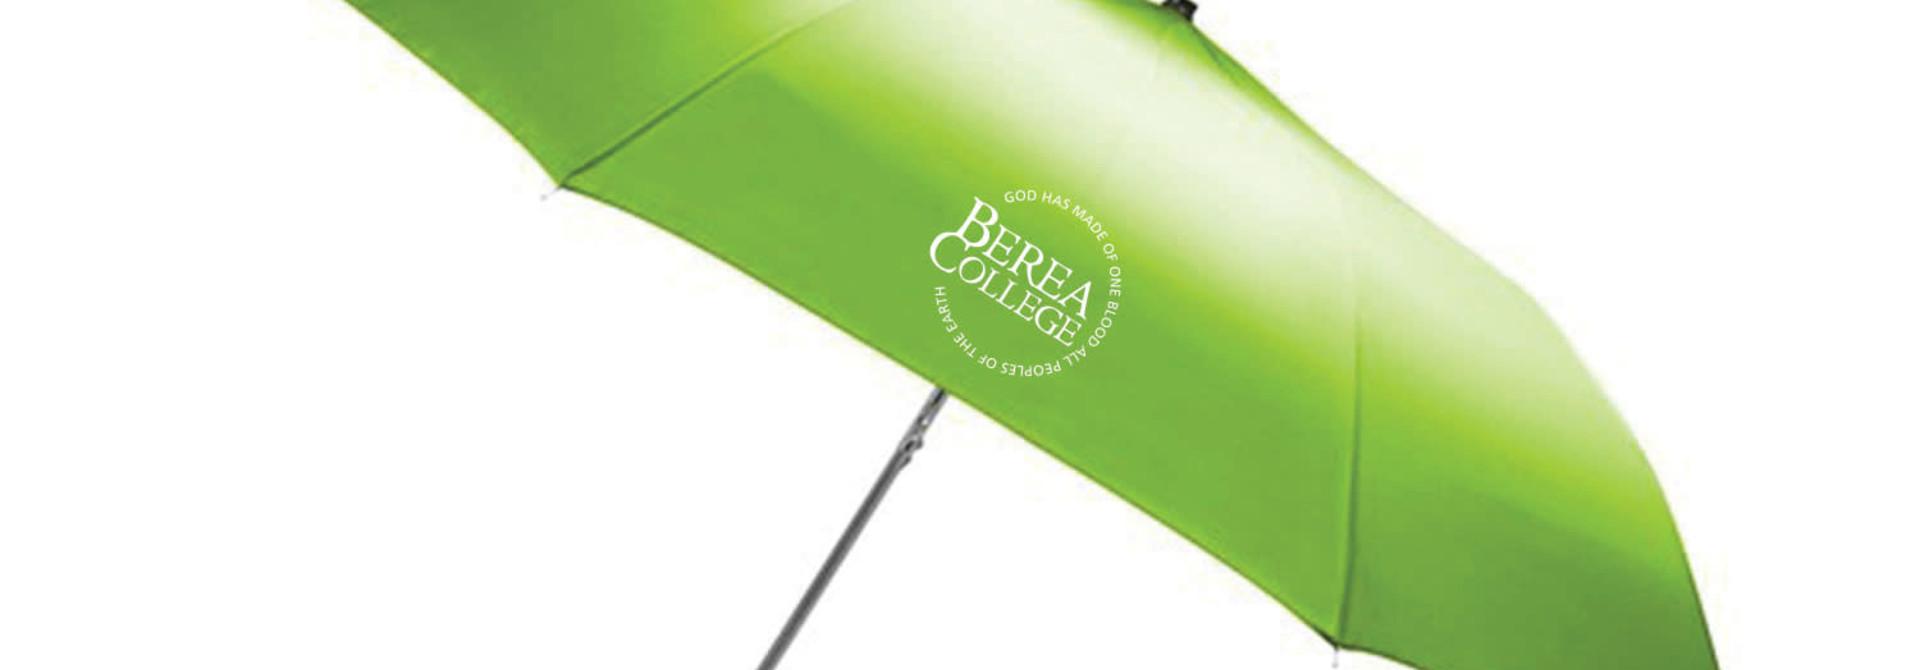 Berea College Umbrella